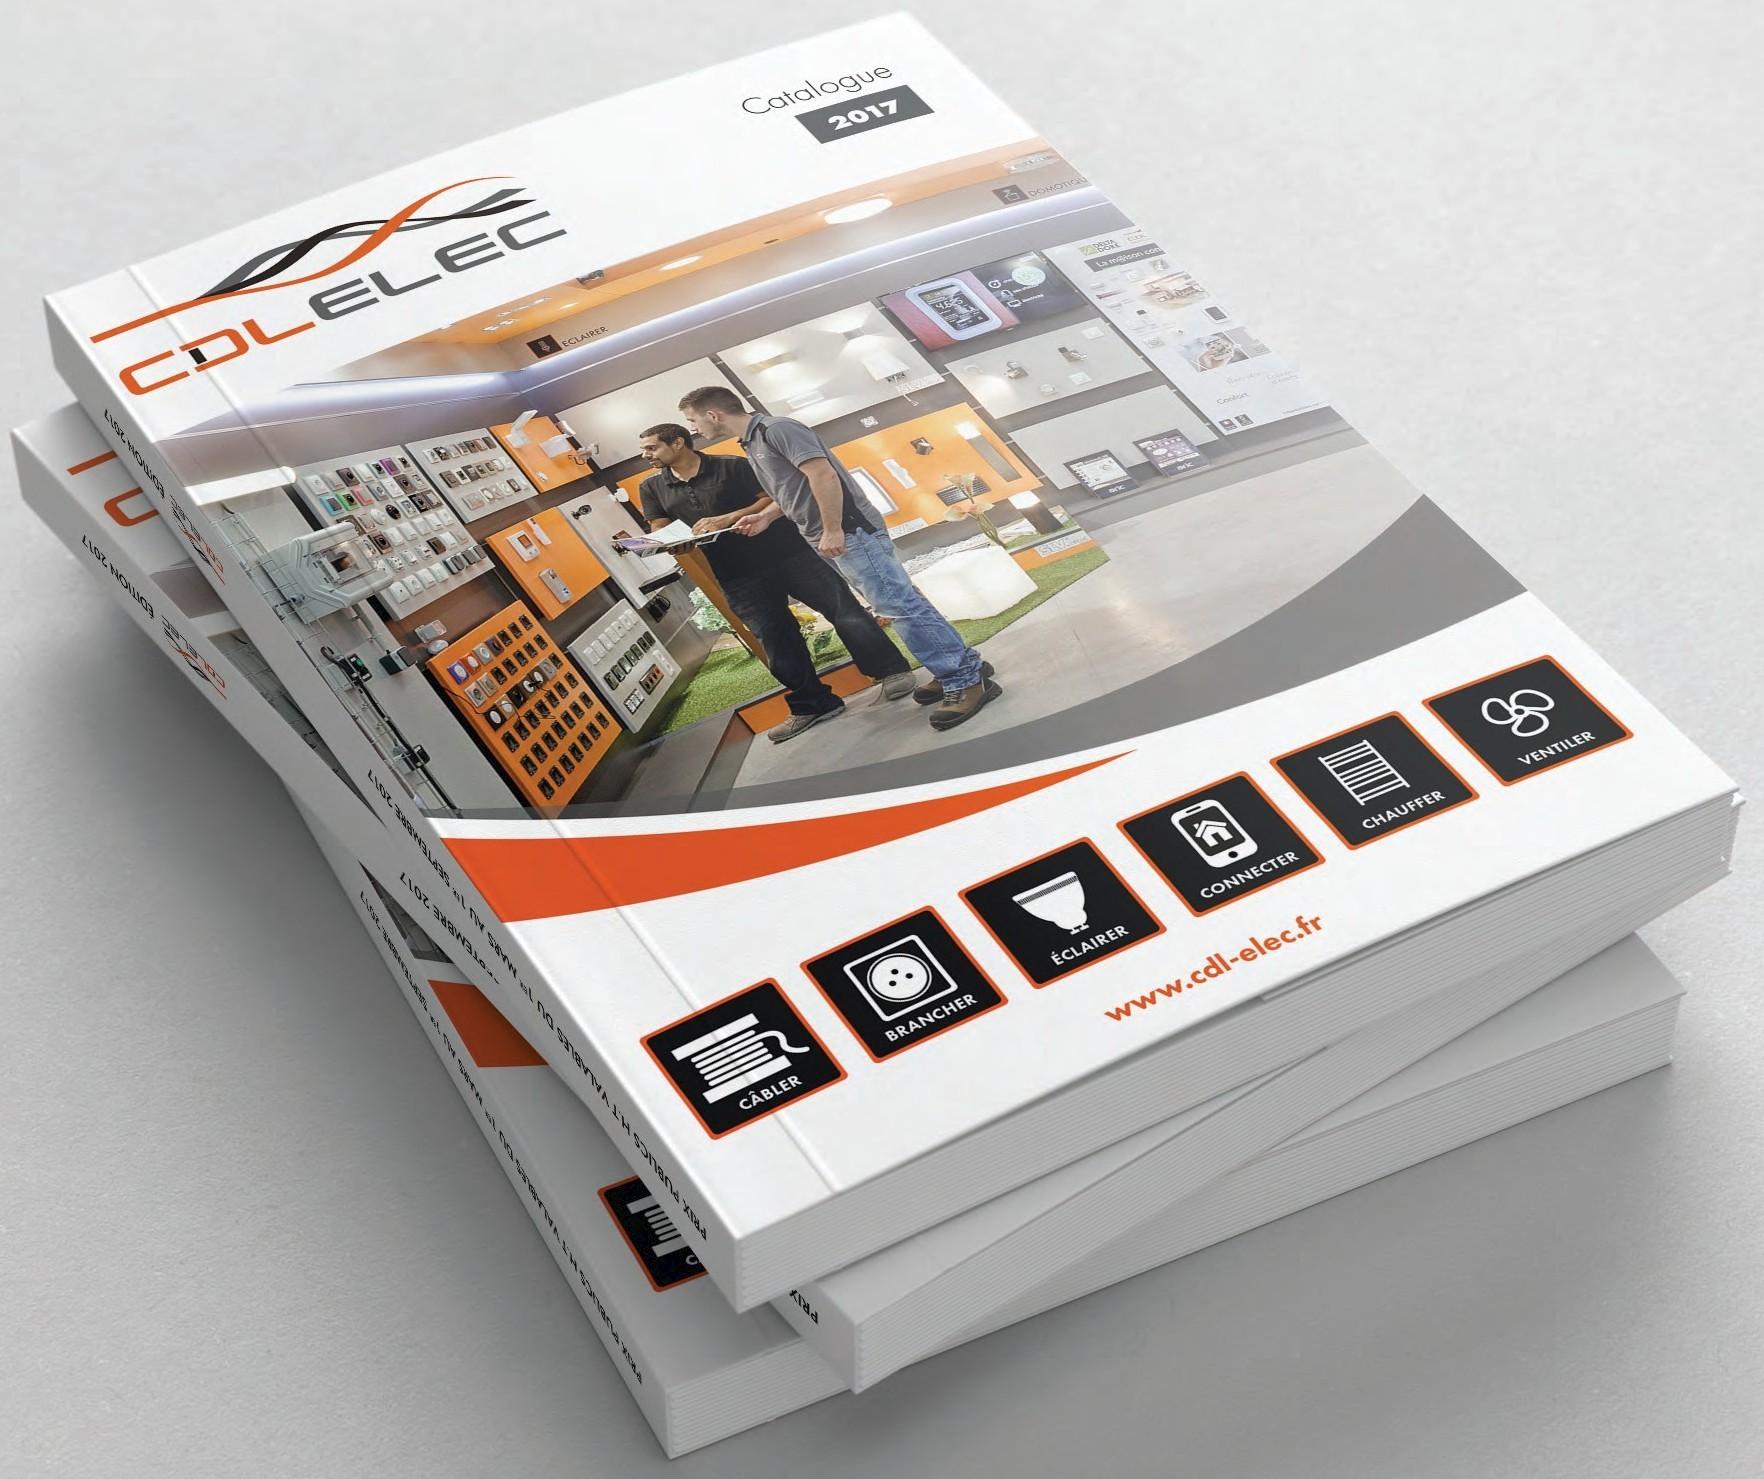 un premier catalogue pour cdl elec clc communications. Black Bedroom Furniture Sets. Home Design Ideas